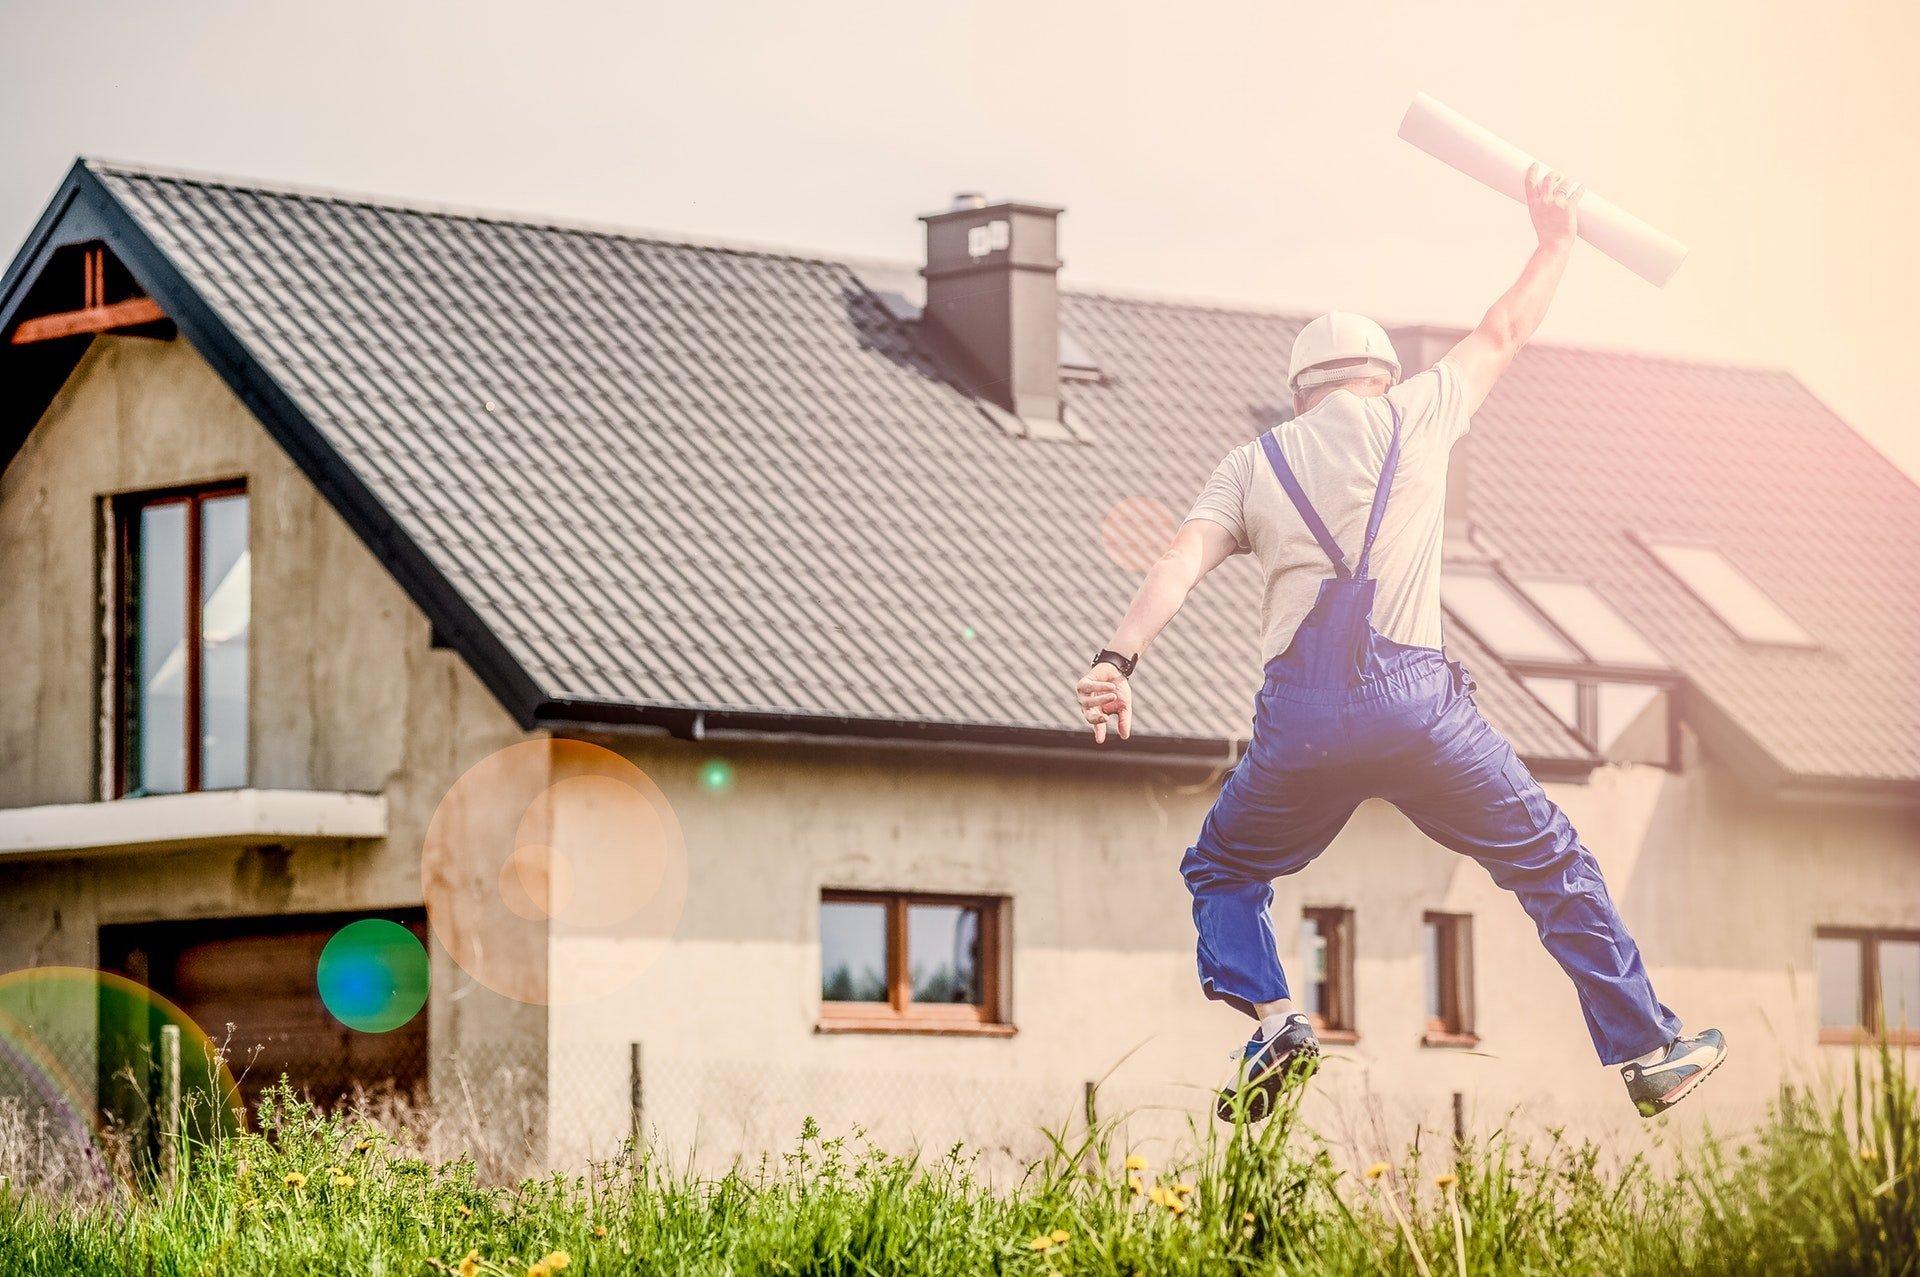 Na zelené dotace půjde rekordní množství peněz, a to díky vyšším výnosům z prodeje emisních povolenek. Program Nová zelená úsporám tak bude mít k dispozici až tři miliardy korun. Příští rok tedy o finanční příspěvek mohou požádat ti, na které se zatím s dotací na zateplení fasády domu nebo například na nákup nového kotle dosud nedostalo.